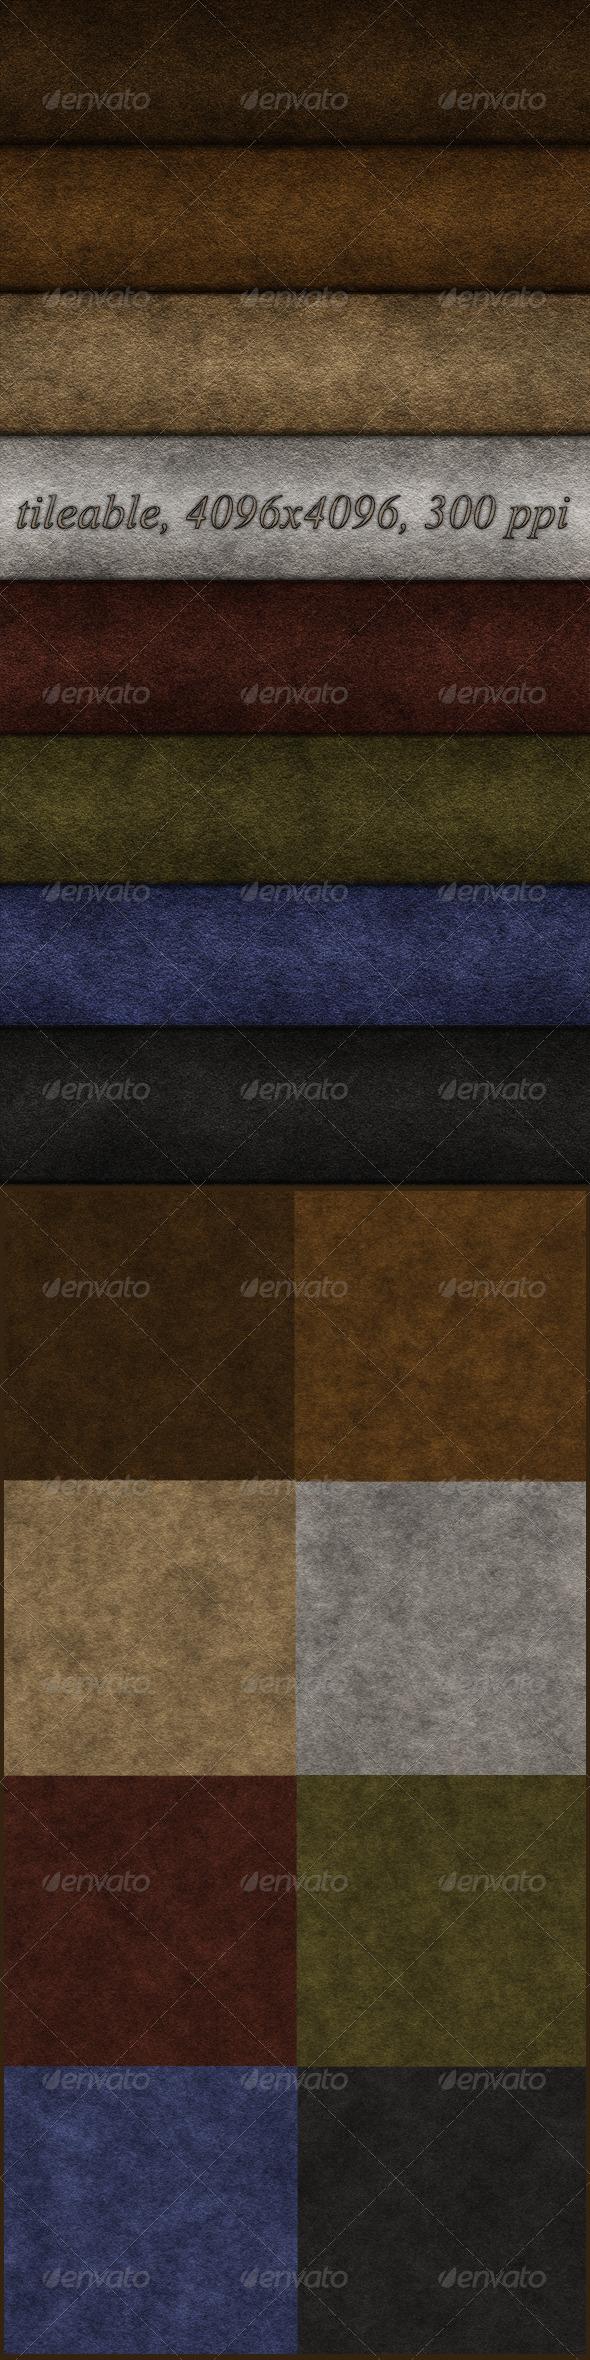 GraphicRiver 8 Suede Textures 4539593